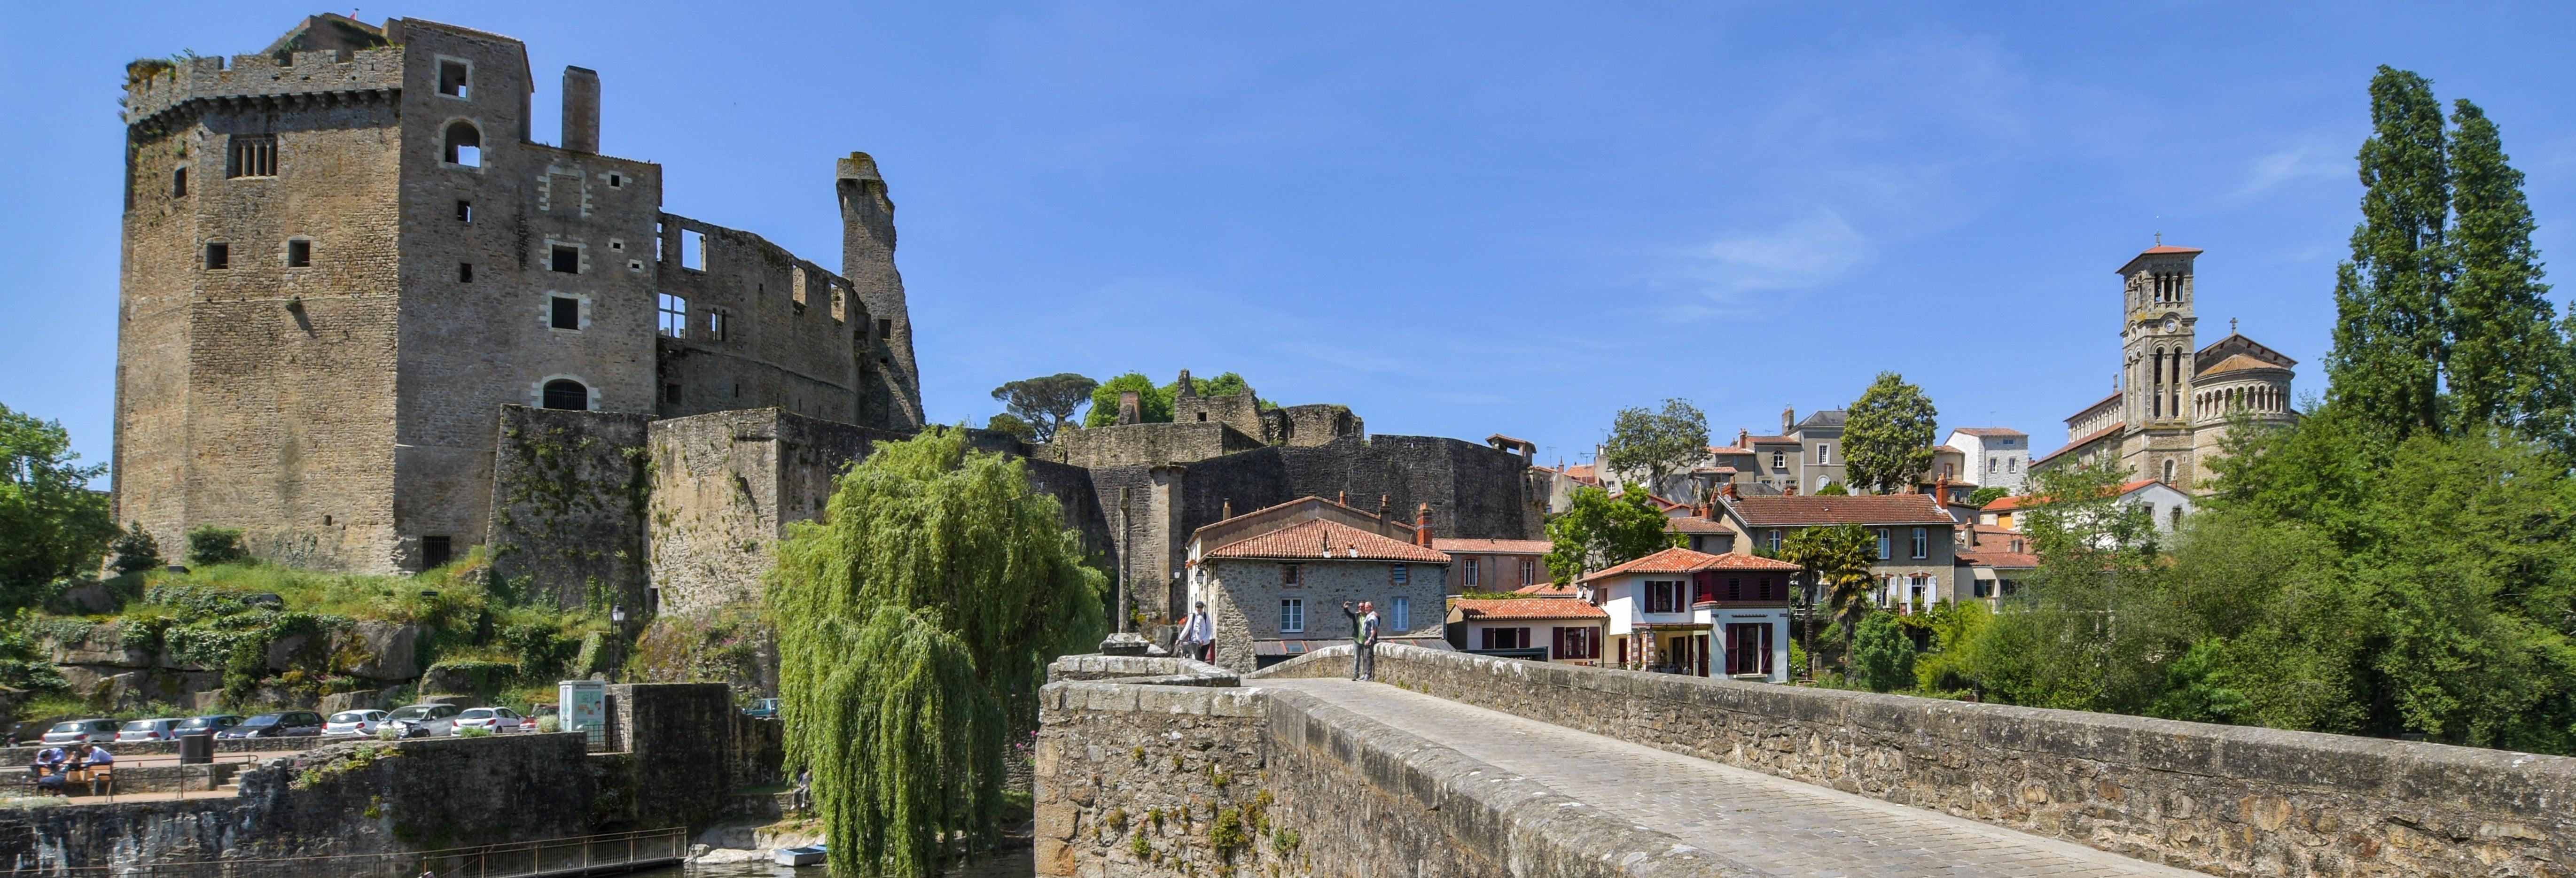 Excursión a Clisson y los viñedos de Nantes